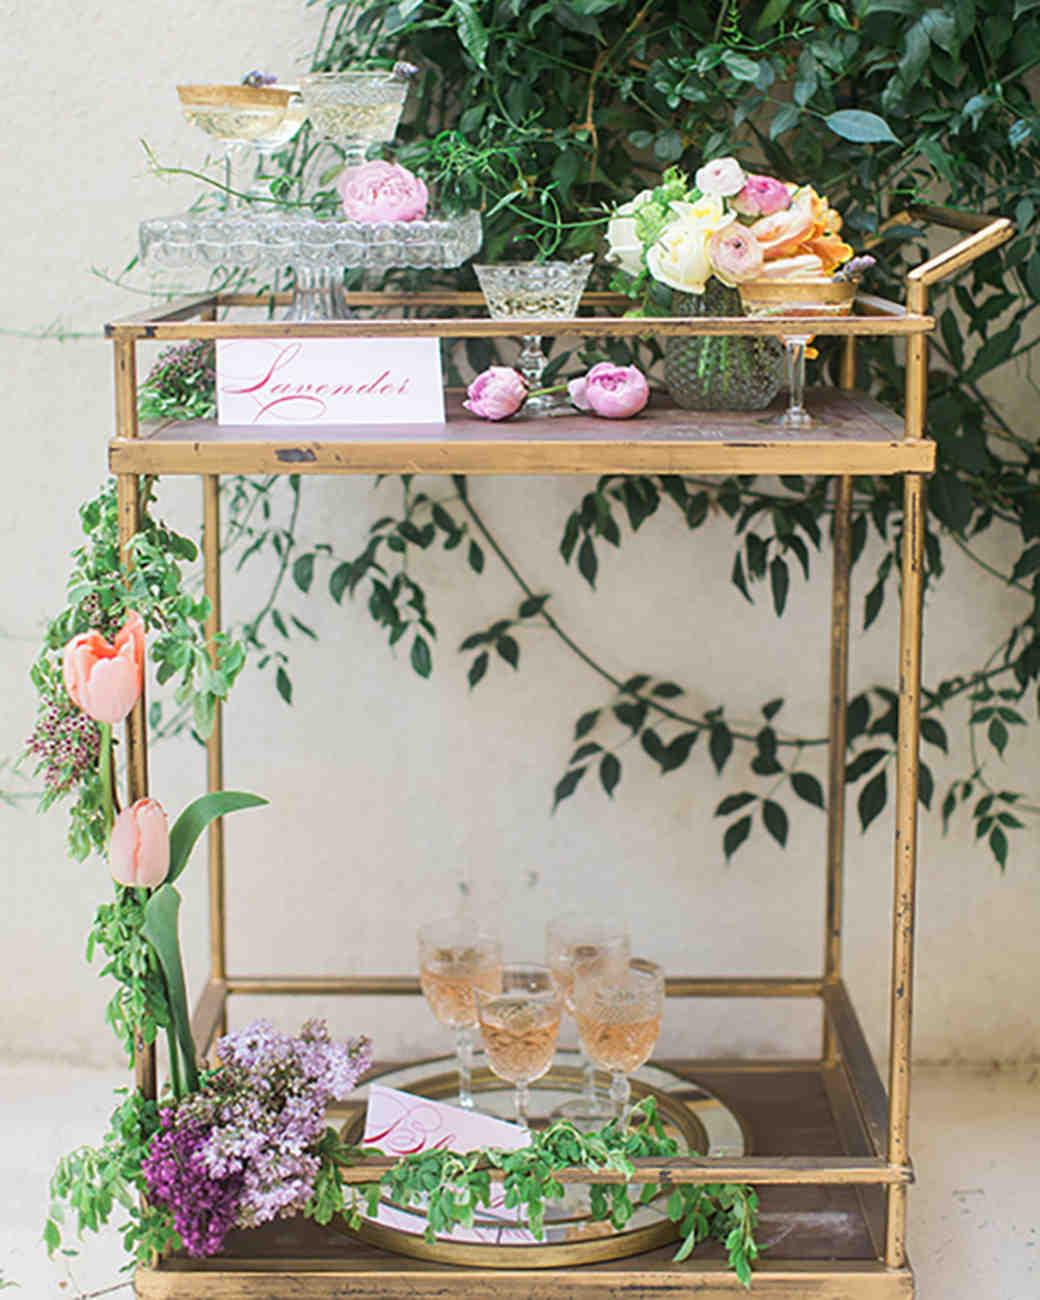 margo-me-bridal-shower-drinks-7239-s112194-0515.jpg